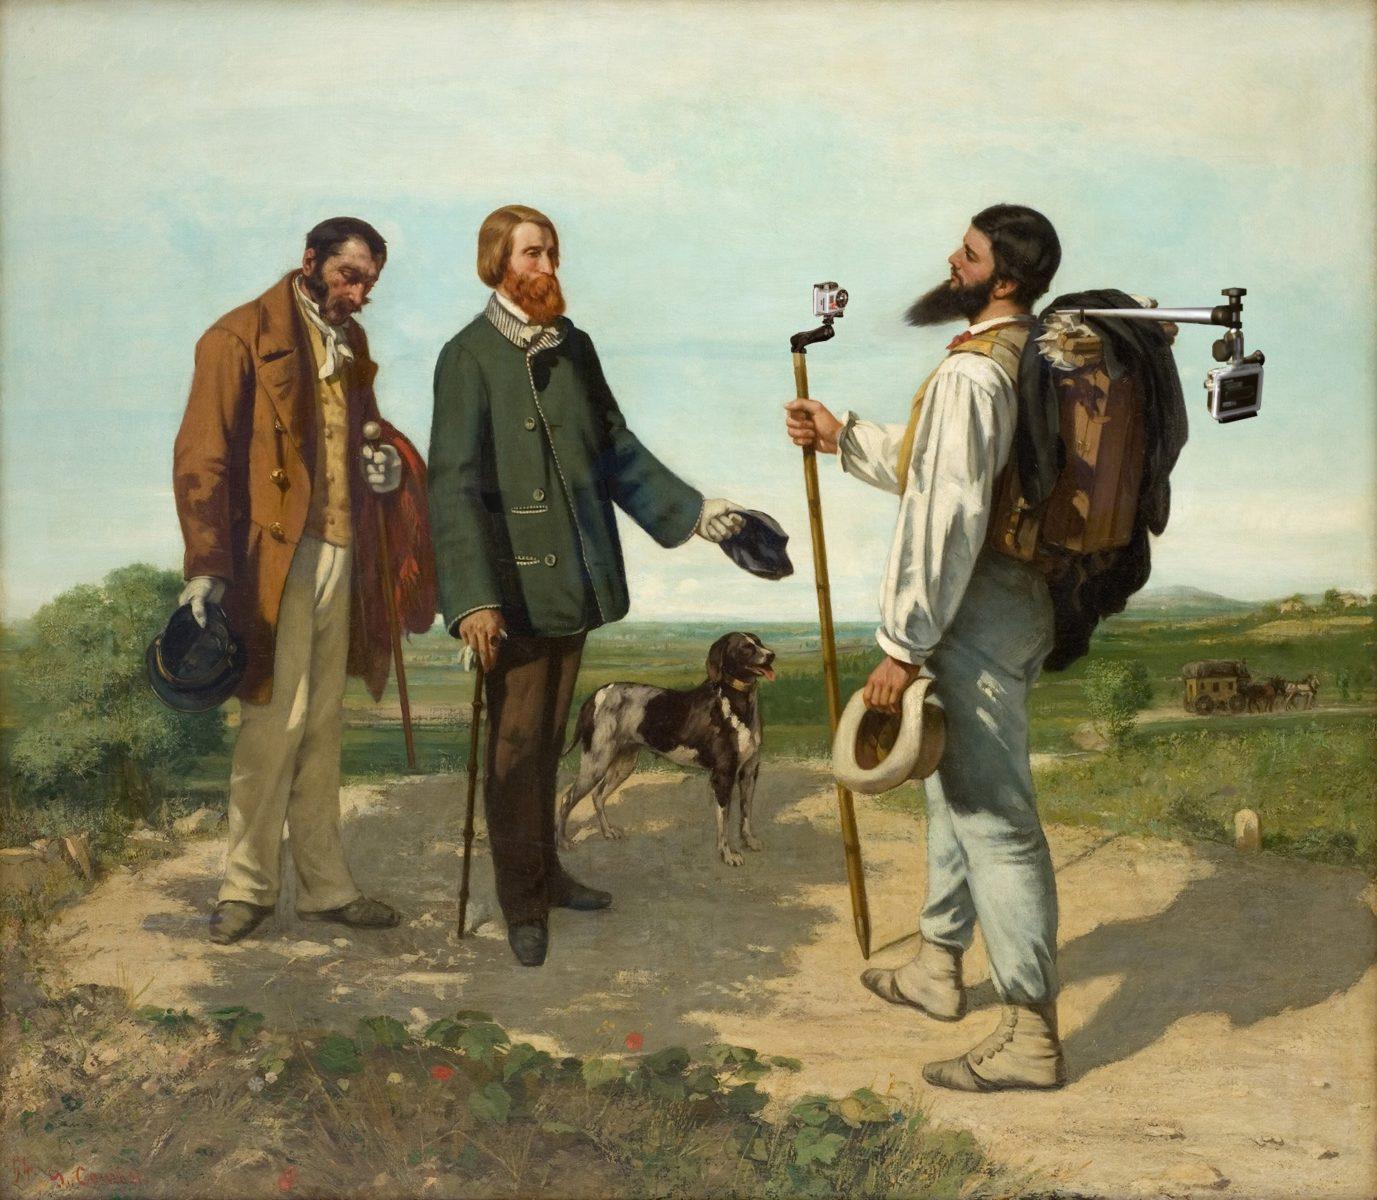 caleche appareilphoto selfie thorislausset detournement tableau peintureclassique - Painting update : les peintures classiques revisitées avec beaucoup d'humour et de modernité